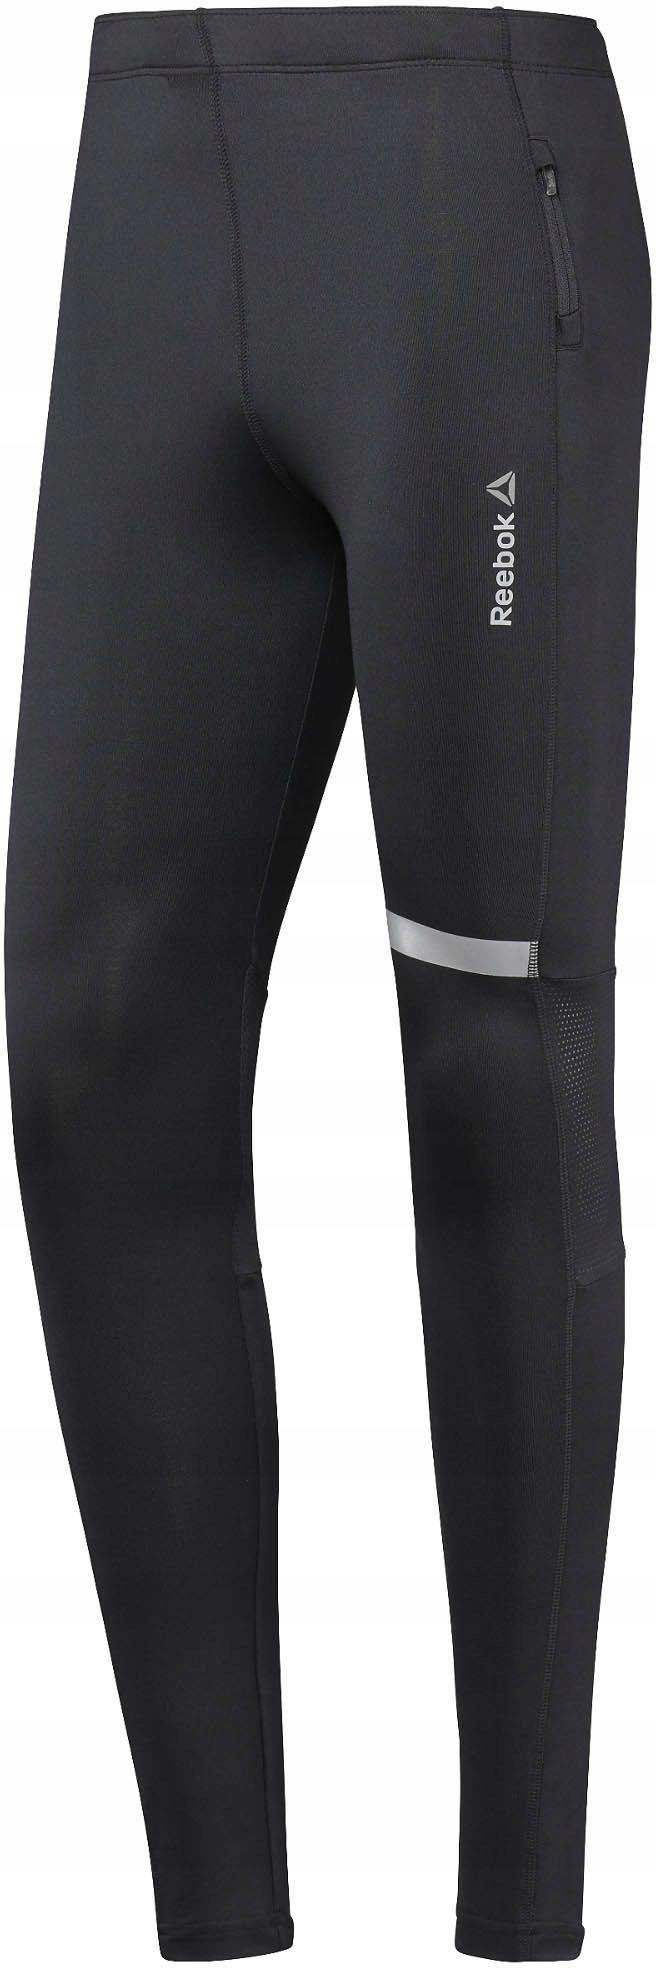 Reebok Spodnie męskie Run Tight czarne r. S (BR446